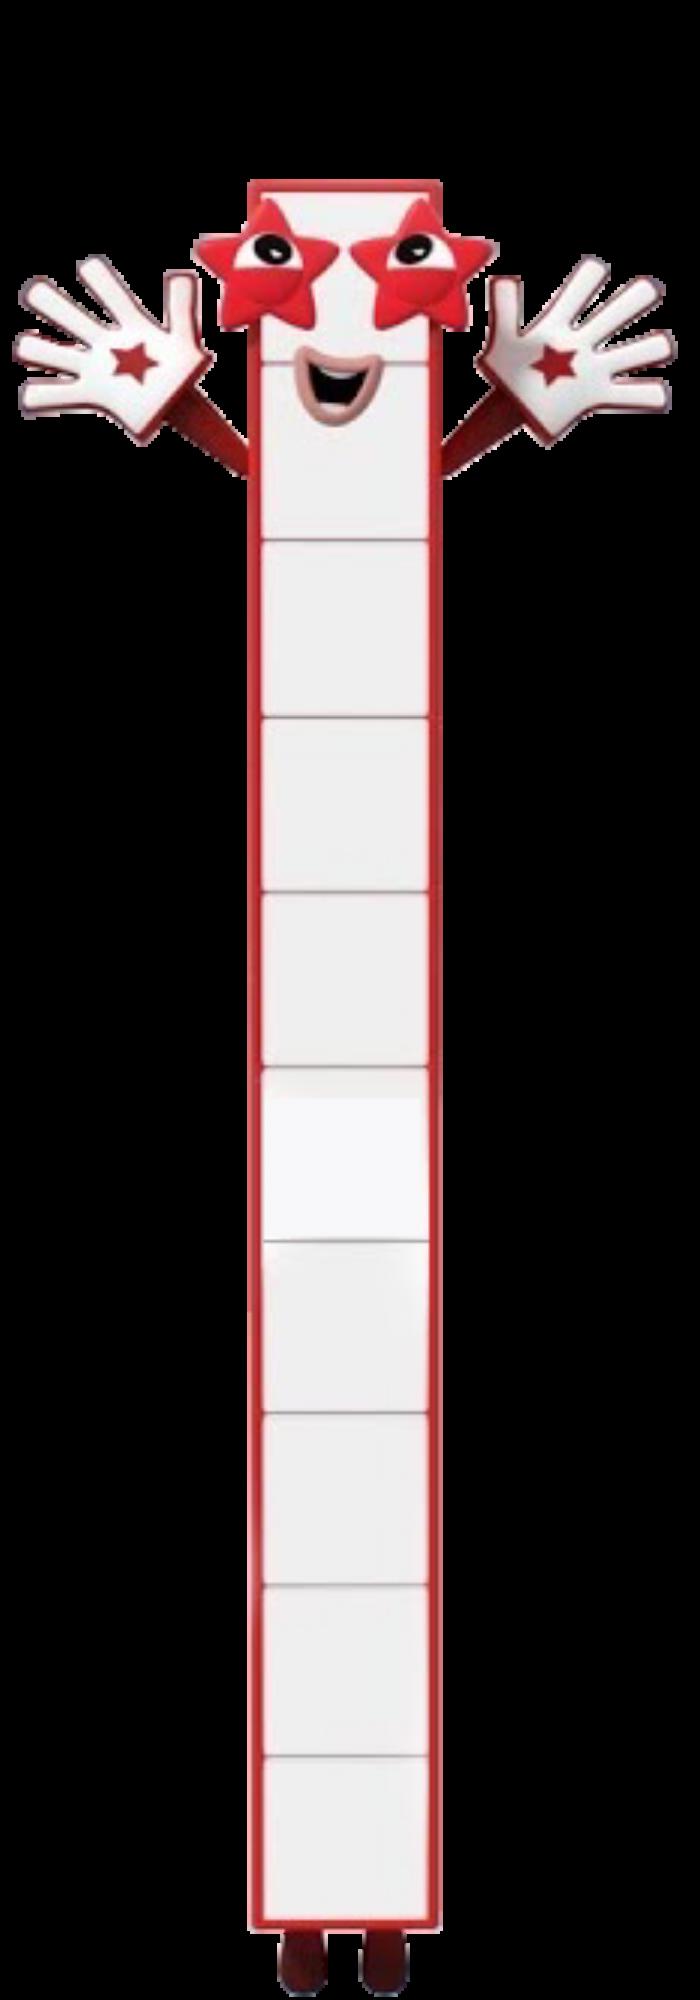 Ten (character)